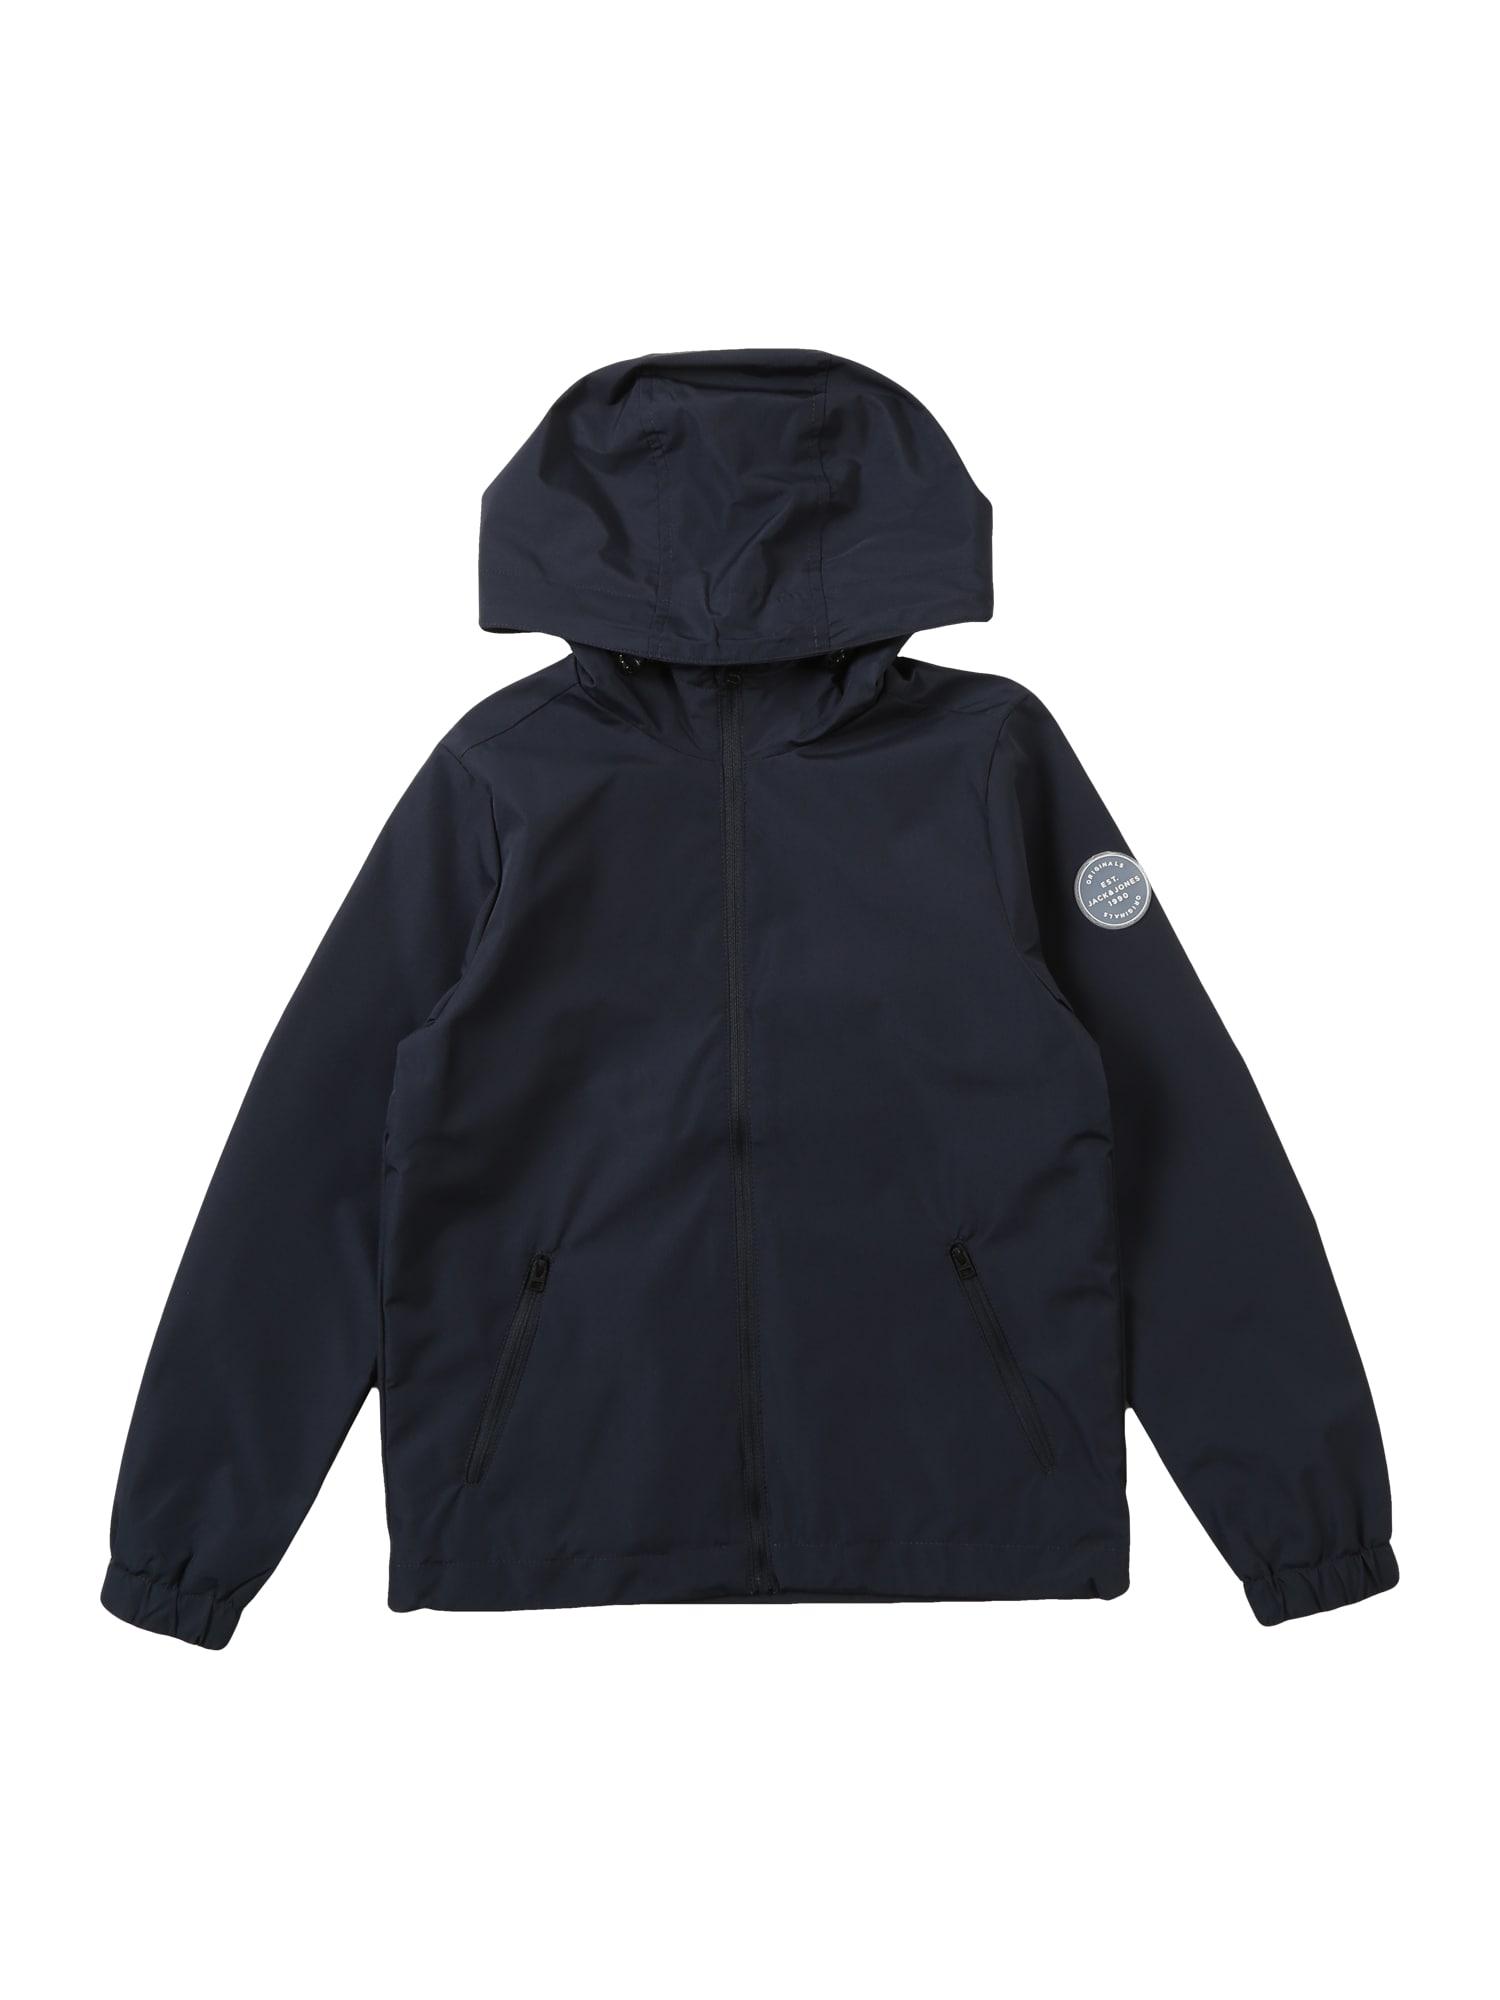 Přechodná bunda Glave tmavě modrá Jack & Jones Junior